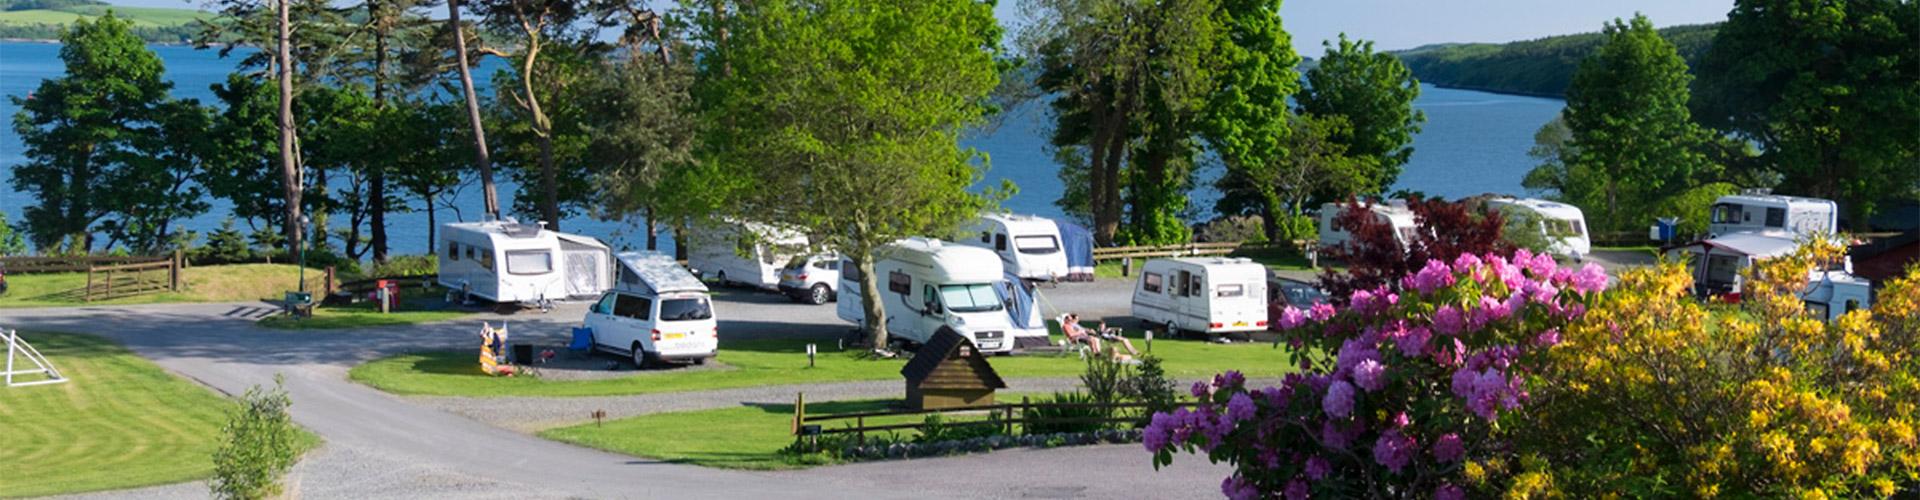 Glamping, Touring & Camping